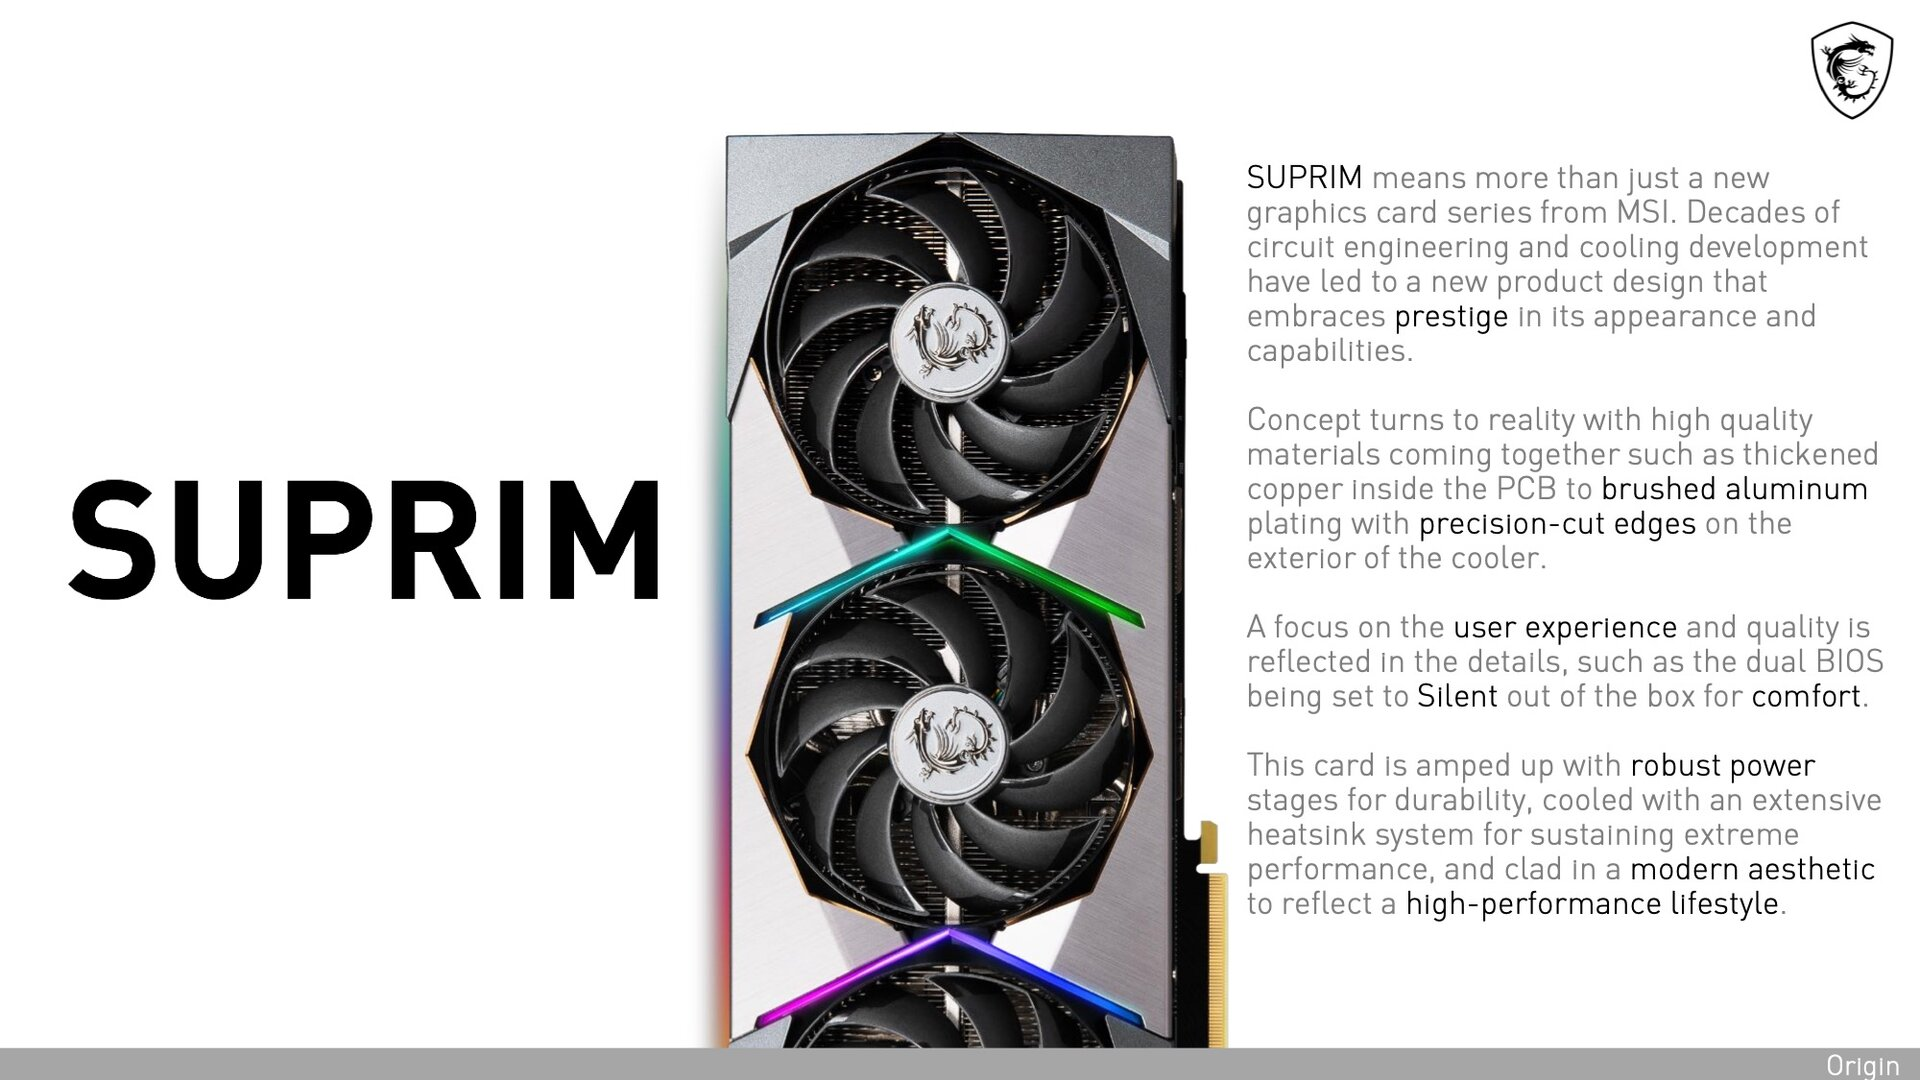 MSIs Informationsmaterial zur neuen Suprim-Serie